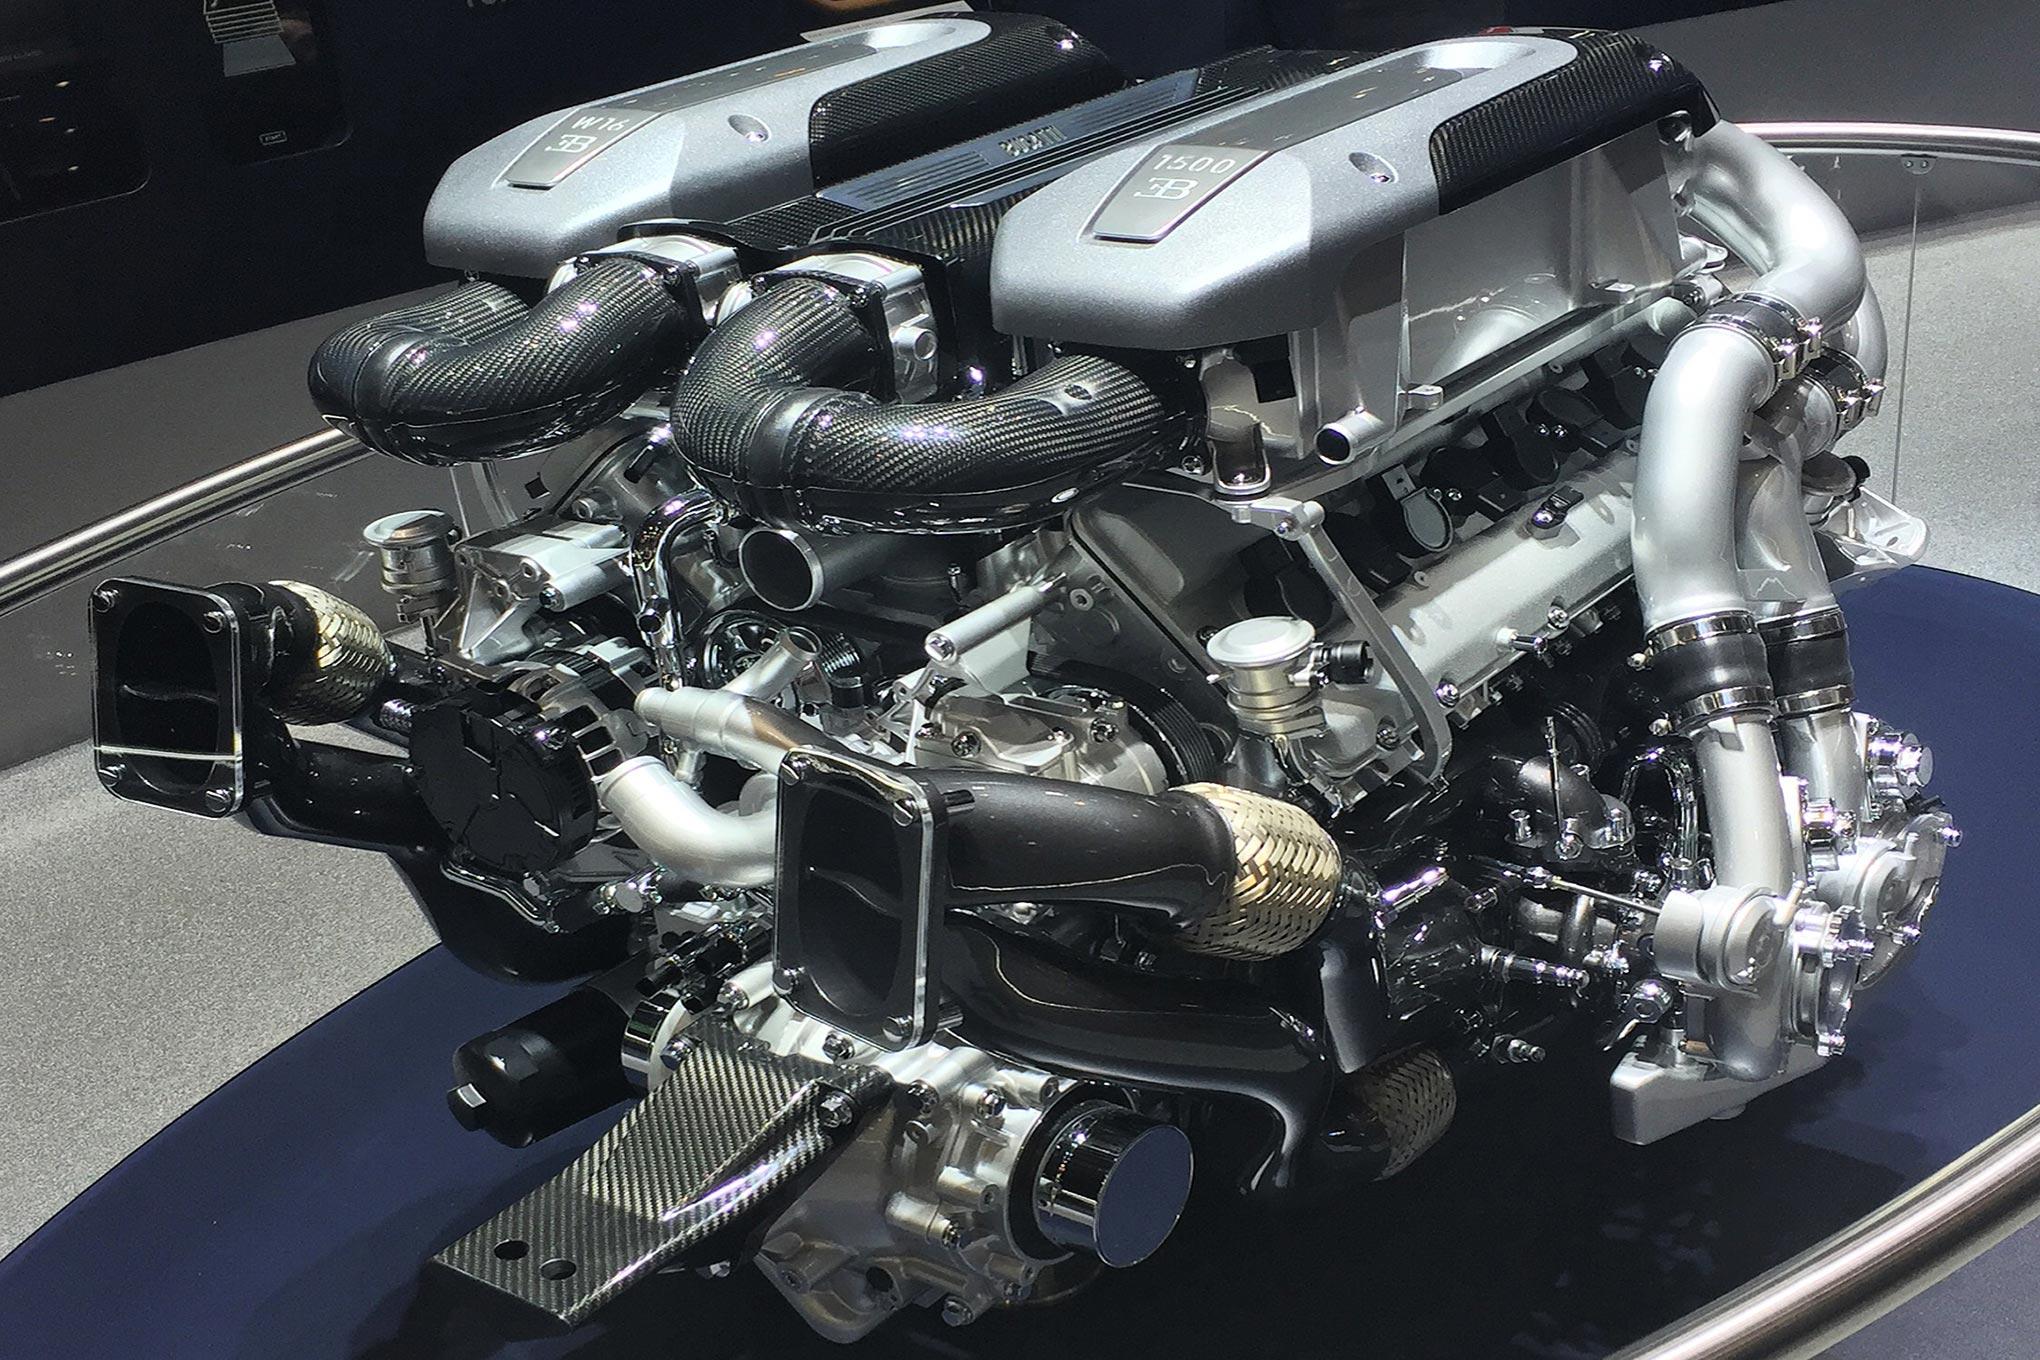 Bugatti Chiron Facts - Cooling